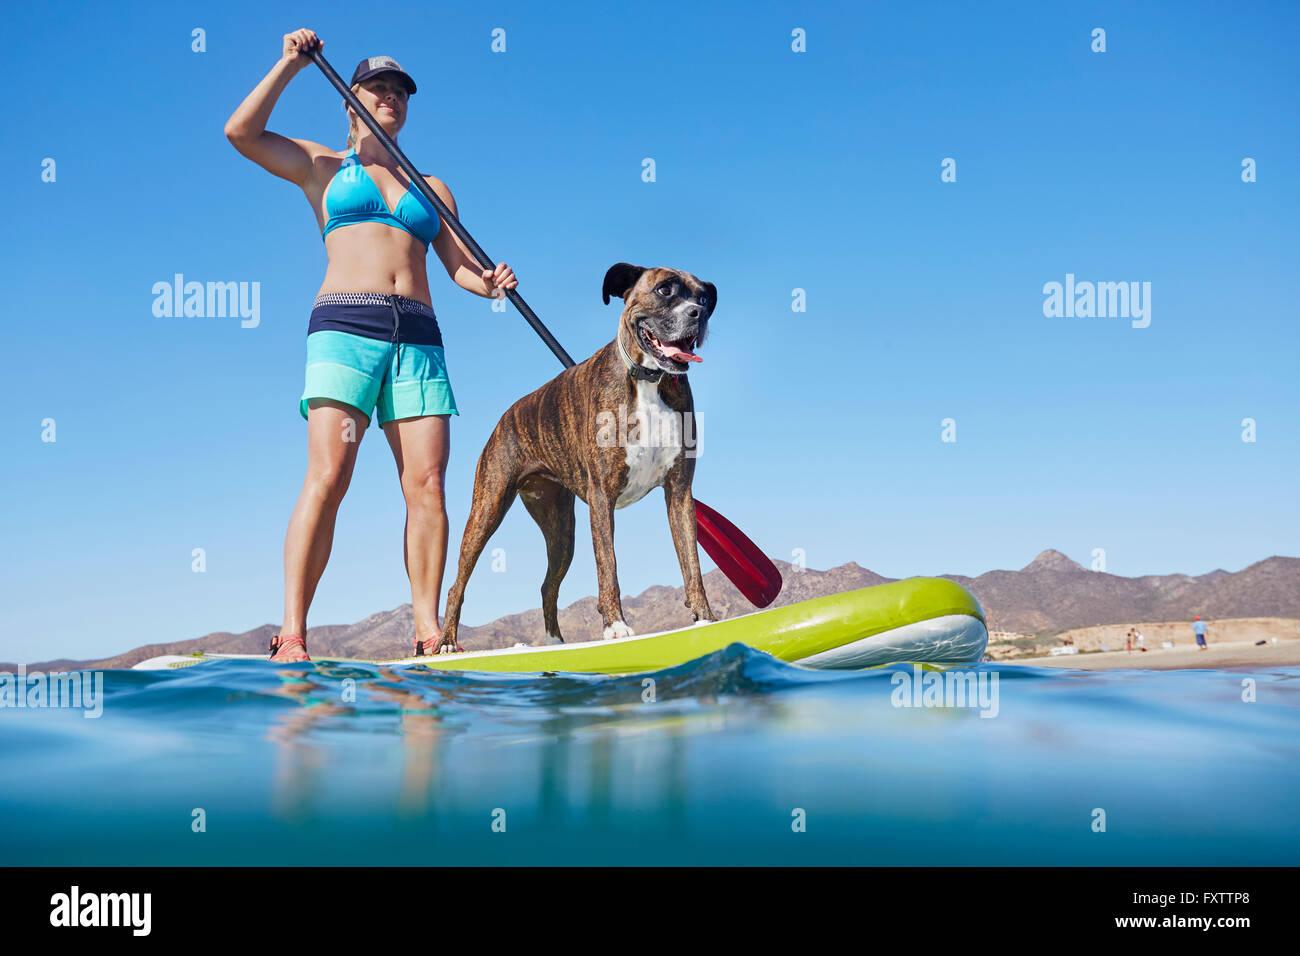 À l'embarquement paddle femme avec chien Photo Stock